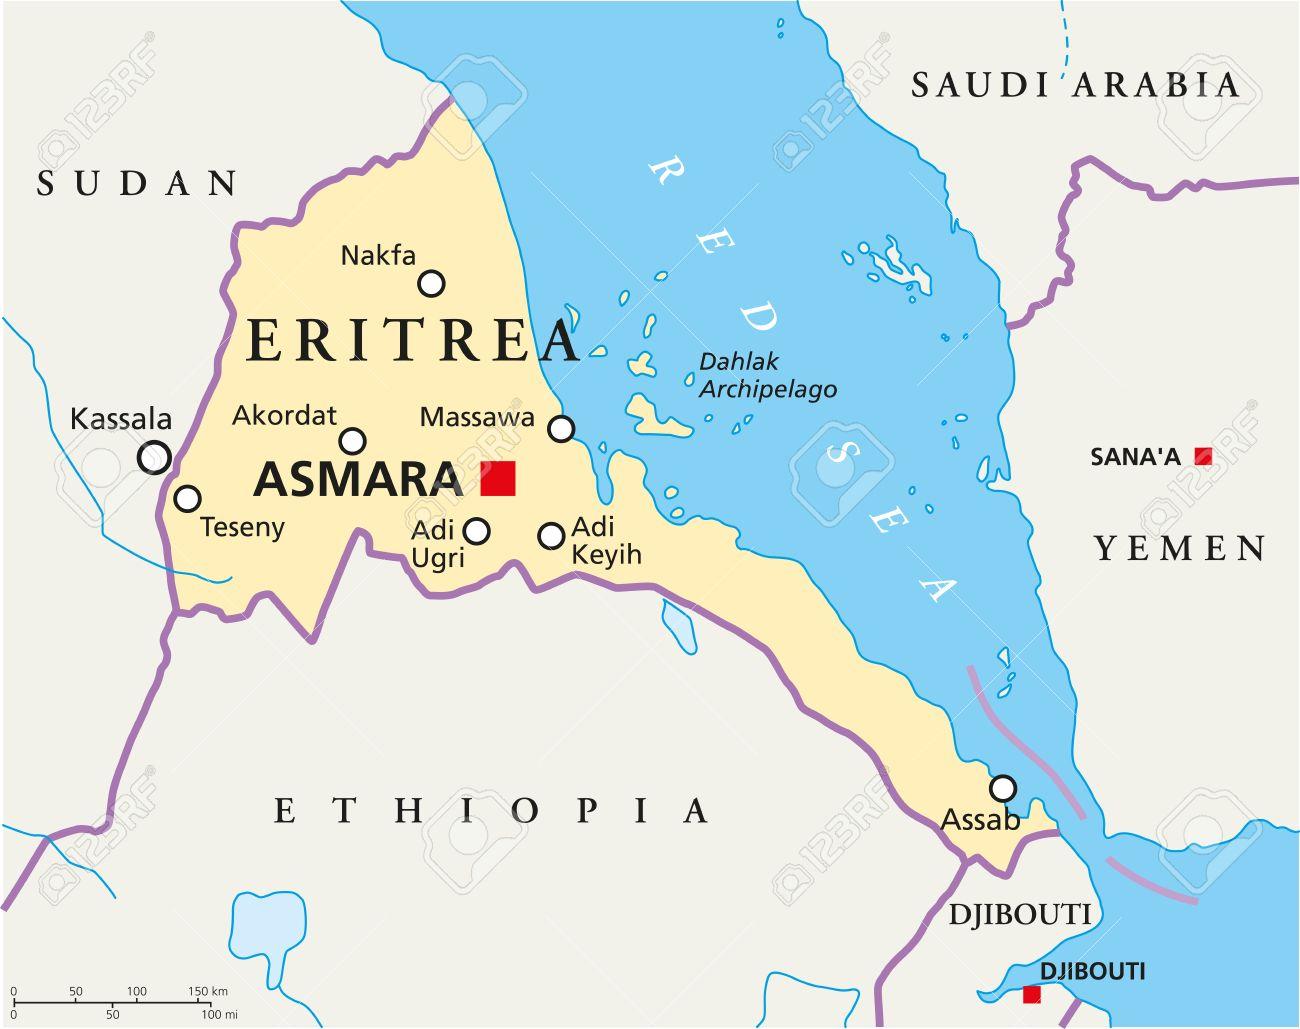 Cartina Eritrea.Vettoriale Eritrea Politica Mappa Con Capitale Asmara I Confini Nazionali Piu Importanti Citta Fiumi E Laghi Illustrazione Con Etichettatura Inglese E Desquamazione Image 31045154